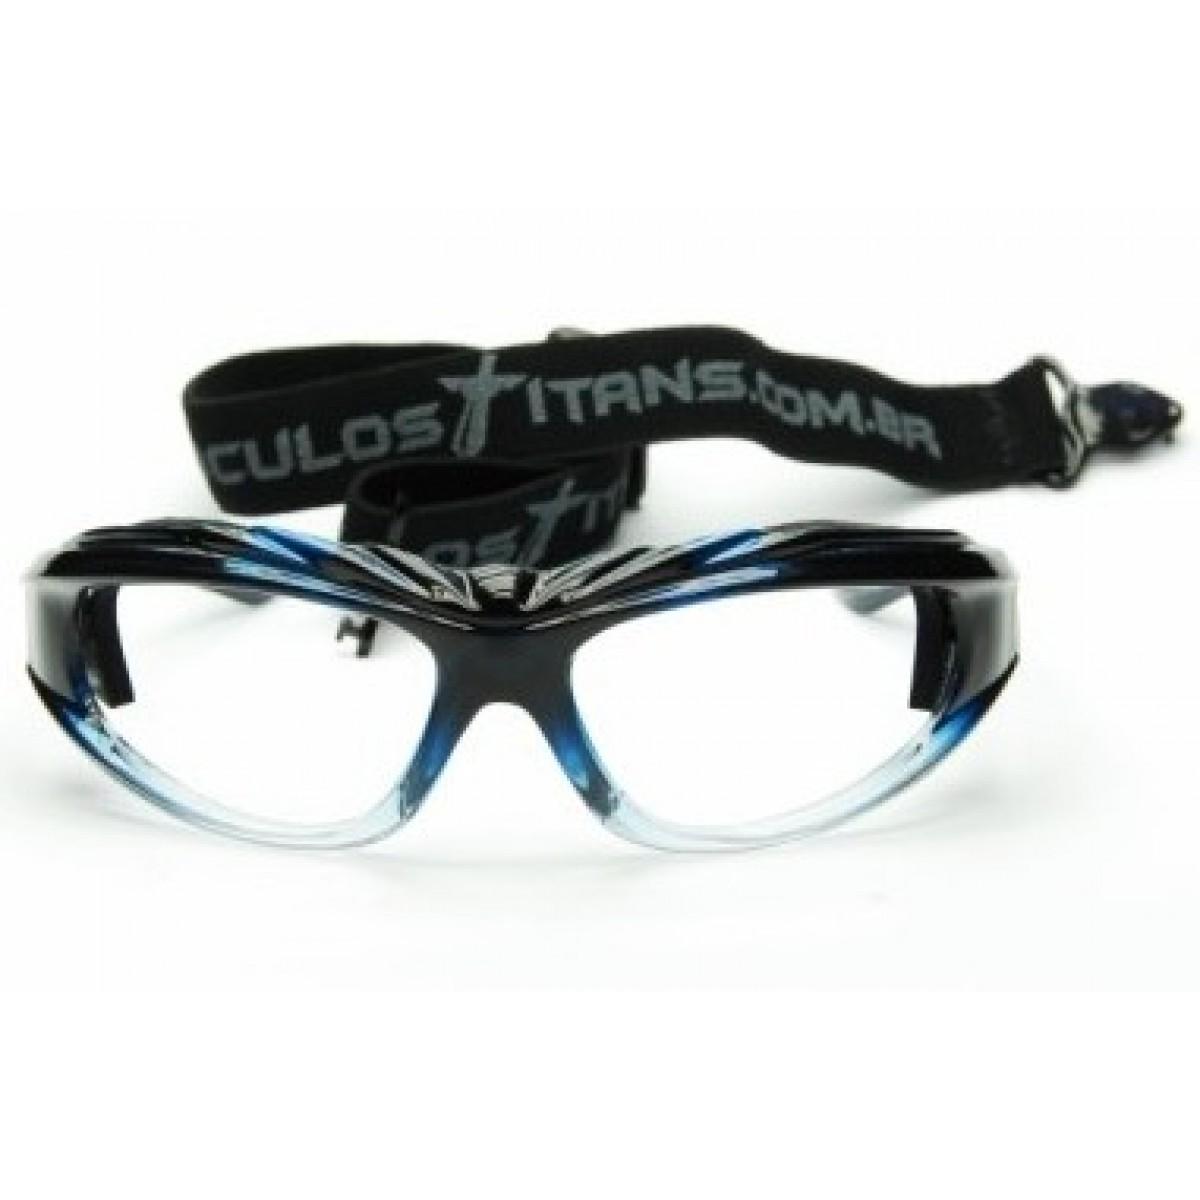 a6737acb6 óculos para esportes infantil - Esporte Visão